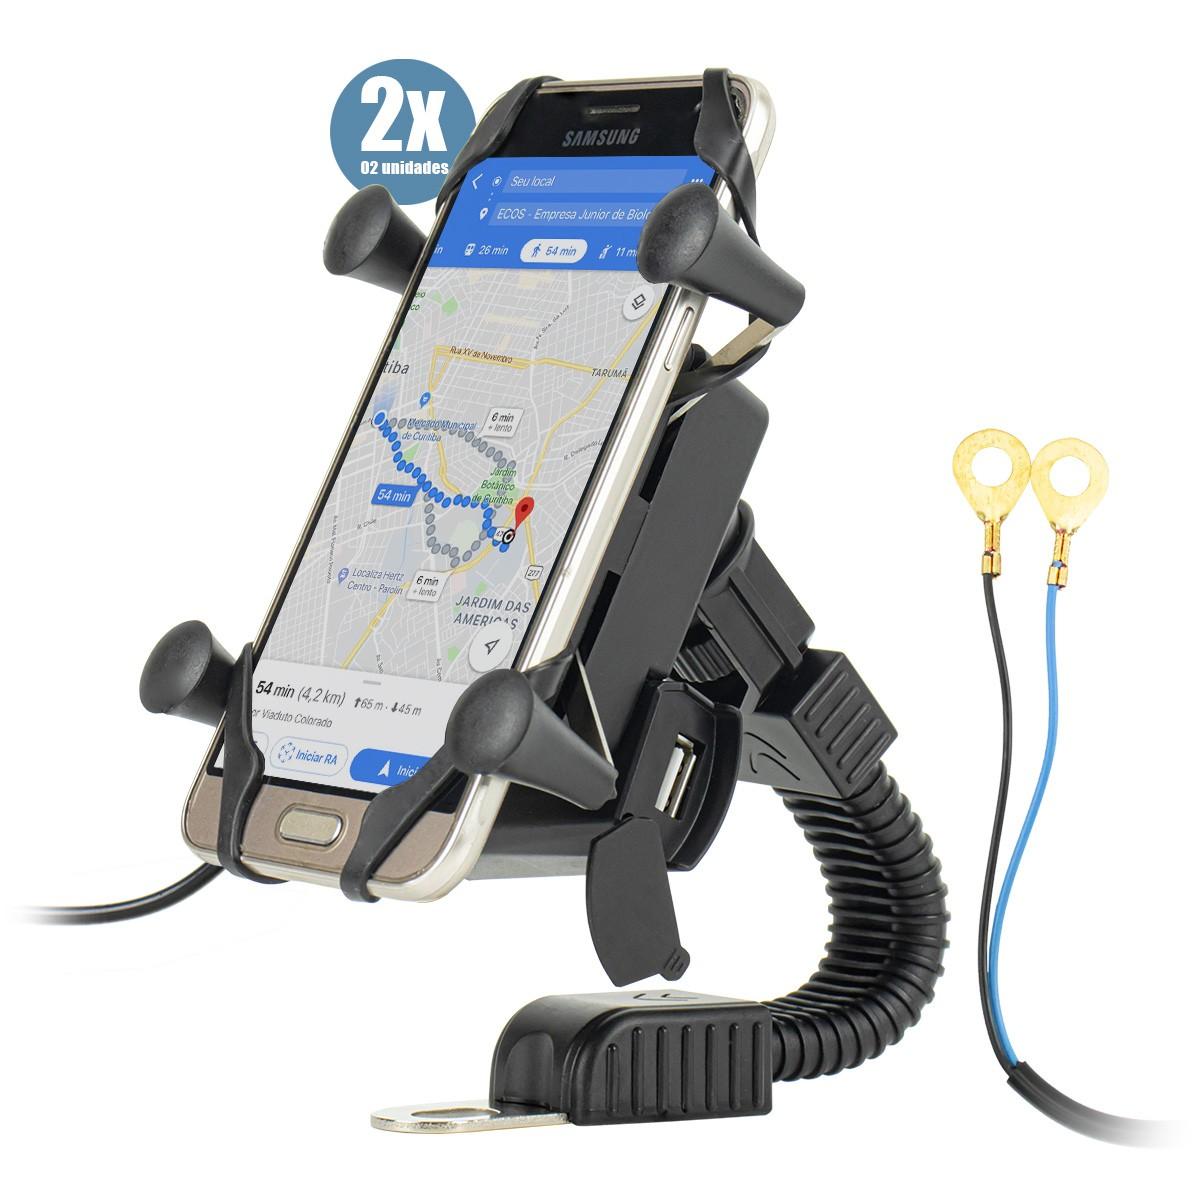 KIT 2x Suporte de Celular para Moto Retrovisor com Carregador IT-Blue LE-041